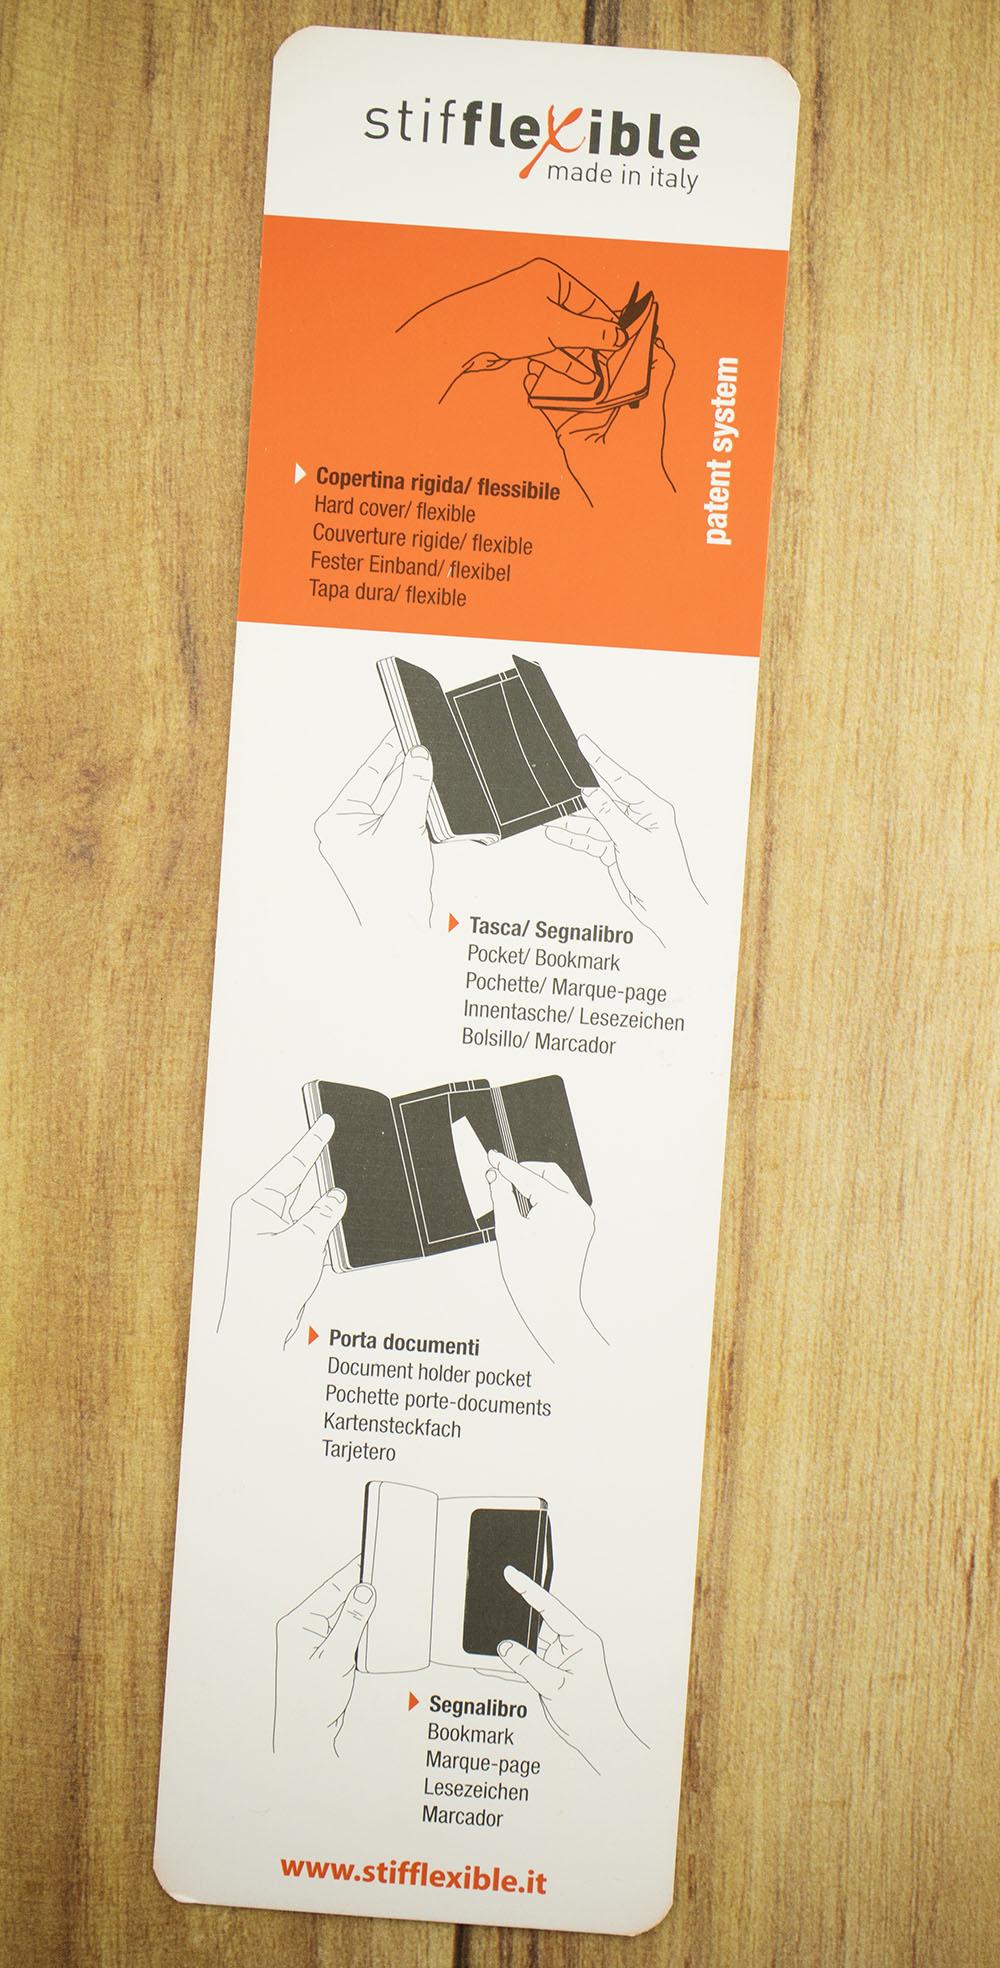 Stifflexible bookmark